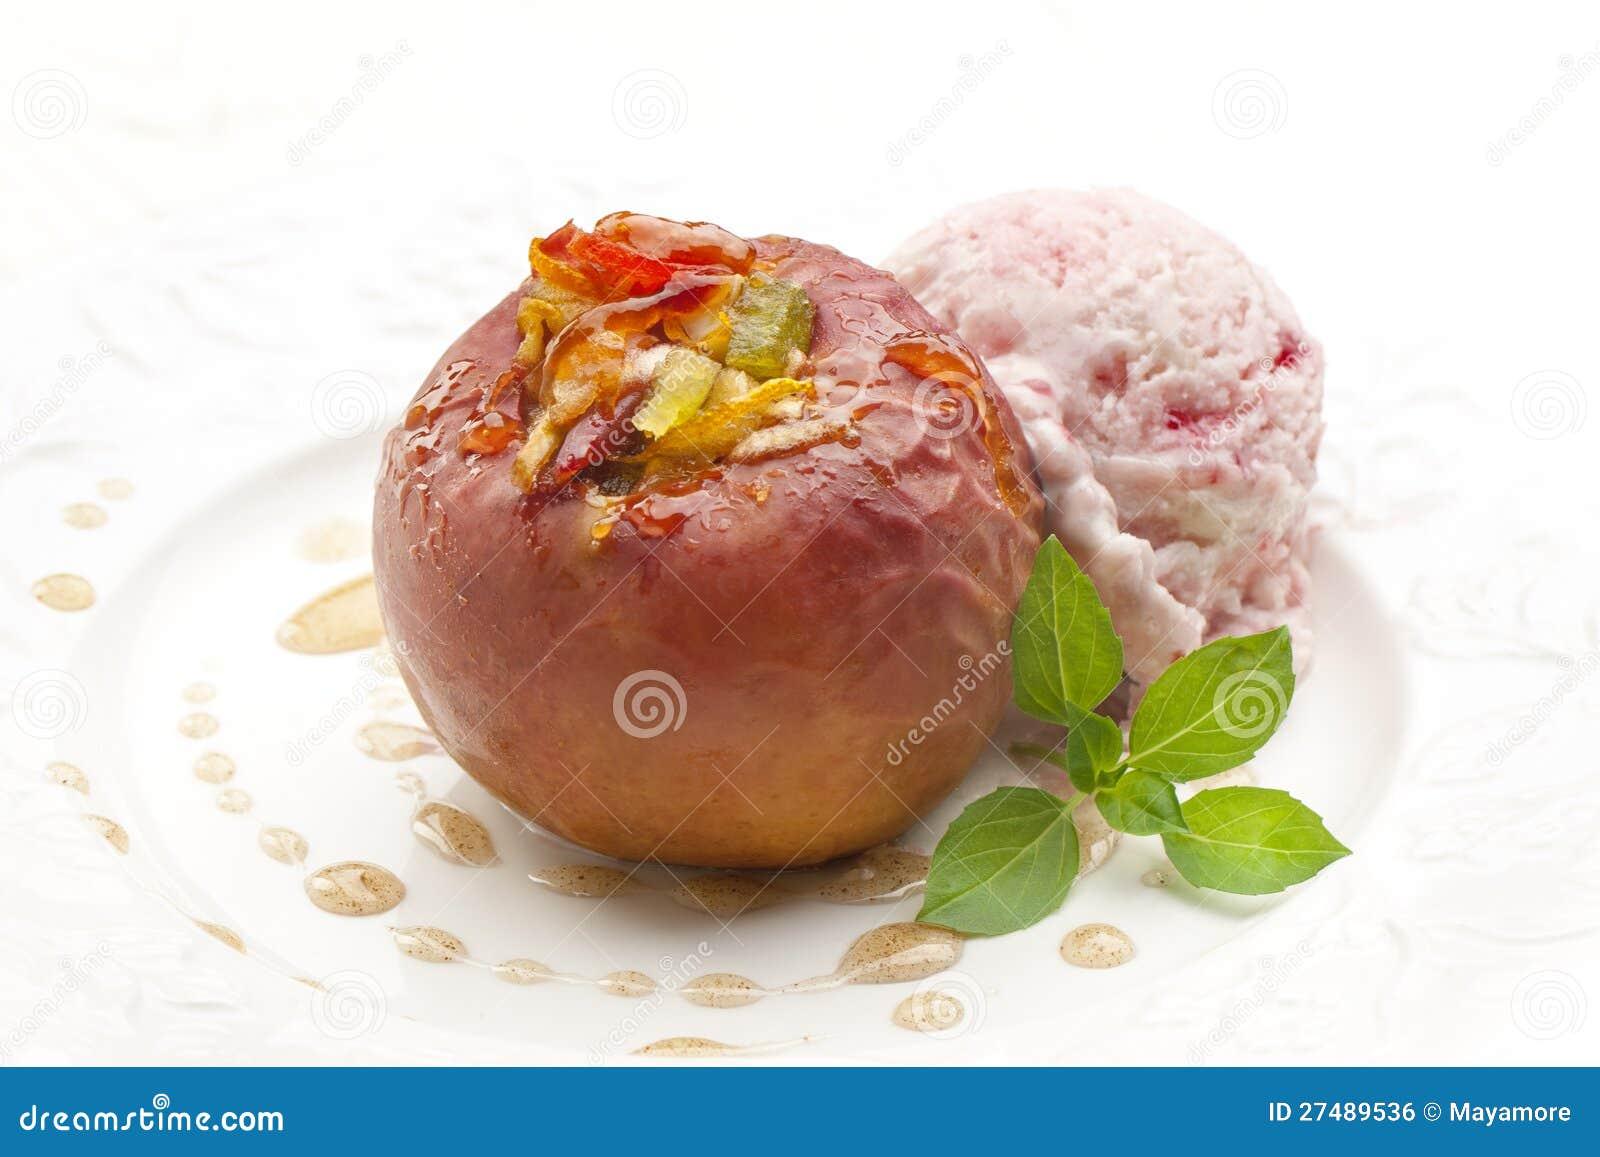 Pomme cuite au four sur le blanc